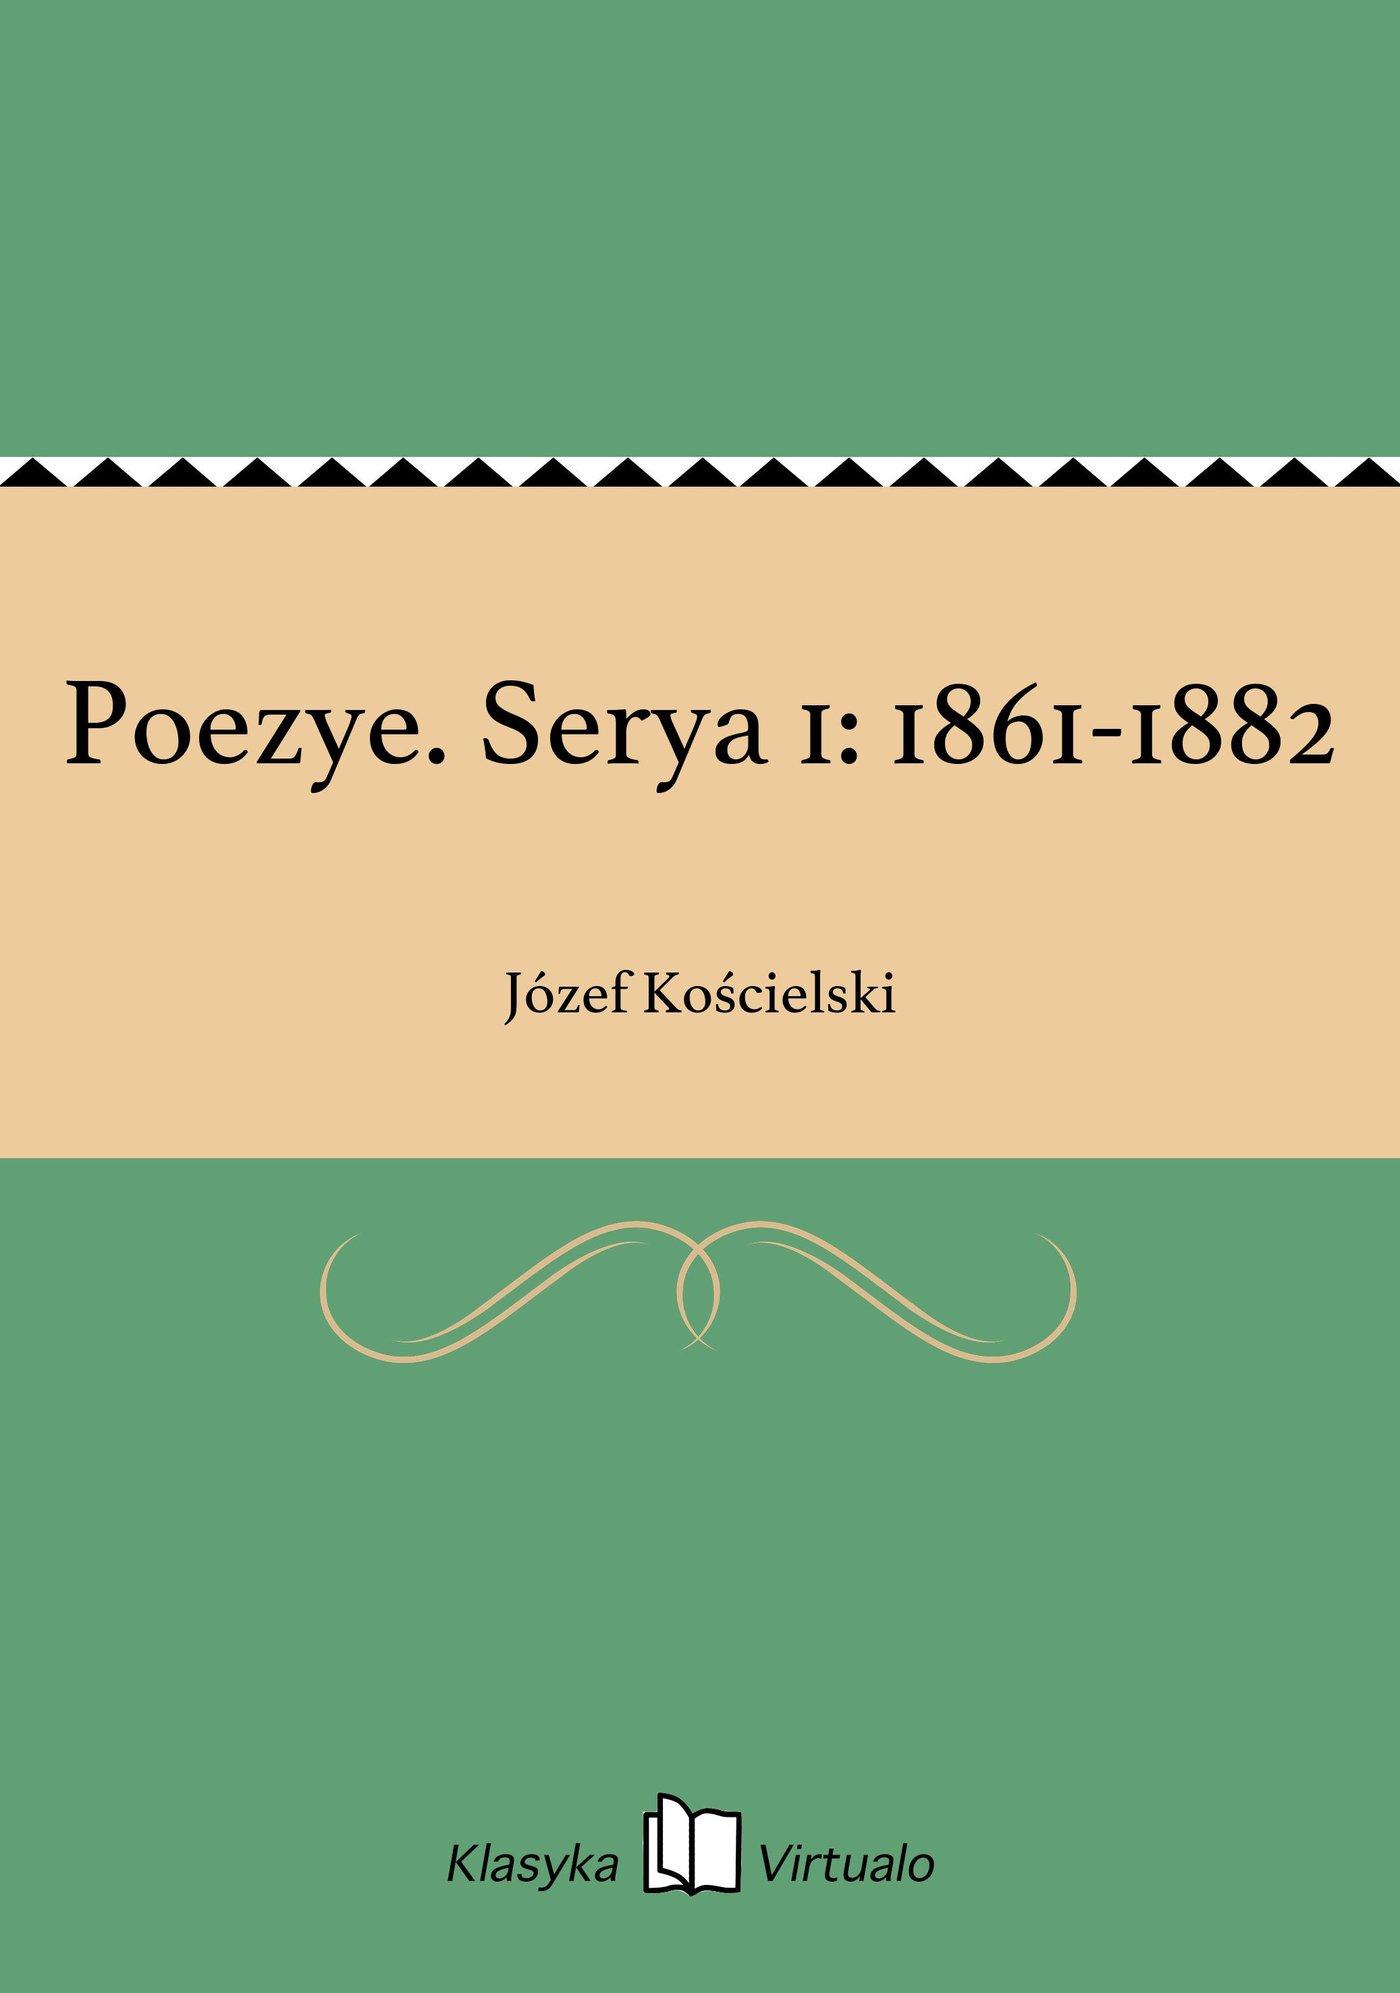 Poezye. Serya 1: 1861-1882 - Ebook (Książka EPUB) do pobrania w formacie EPUB